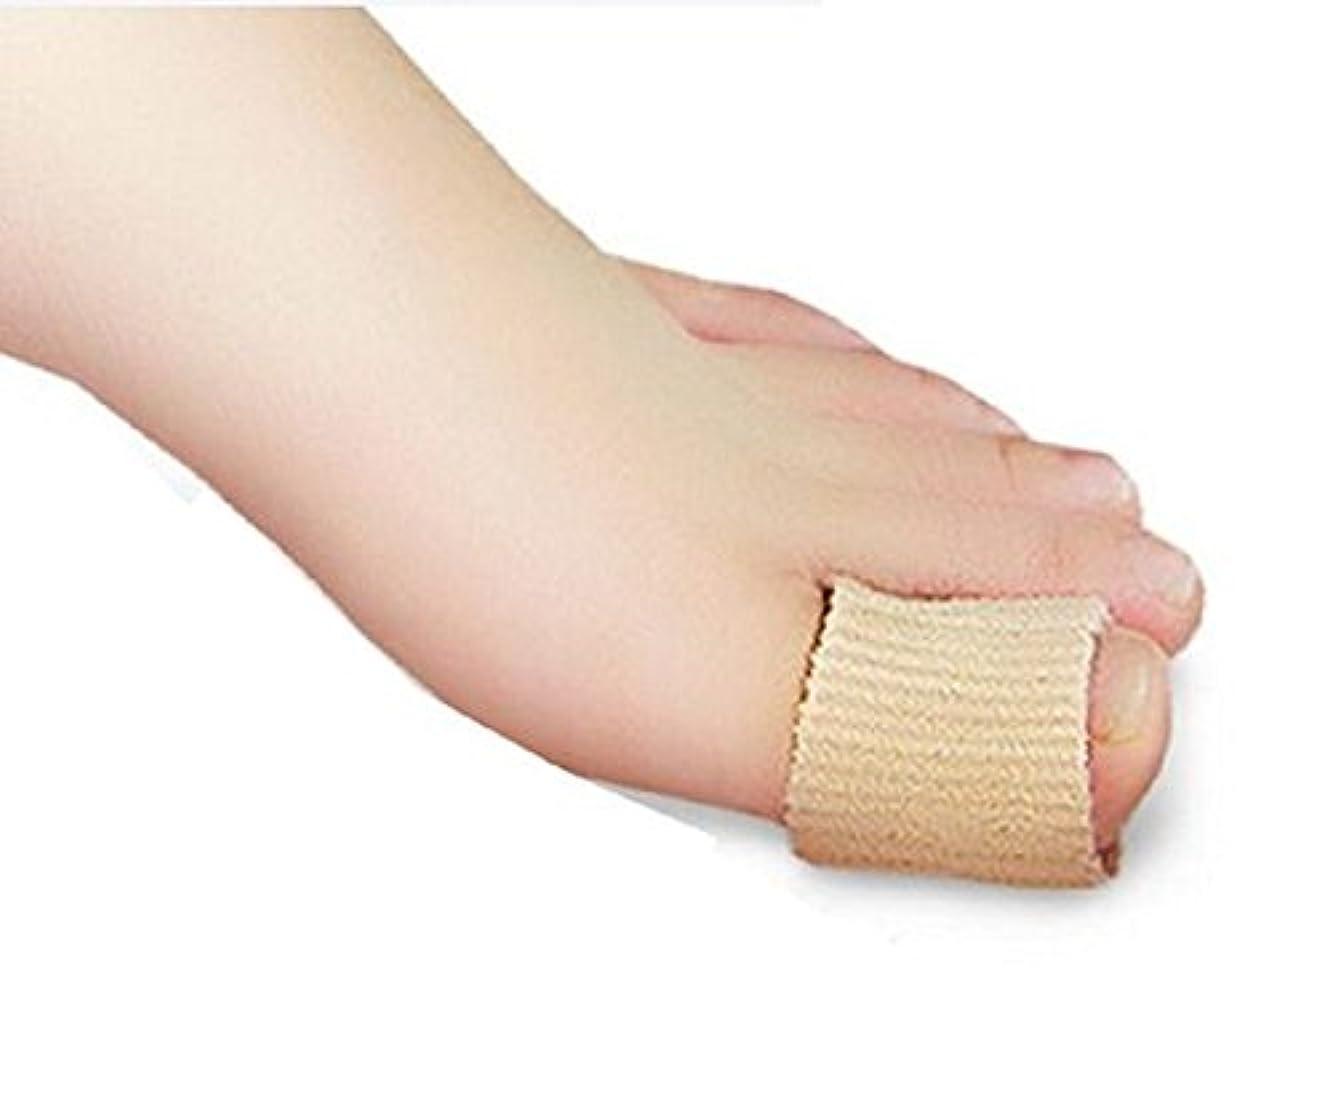 対オリエンテーションラベルI BECOME FREE 足指保護パッド 手の指 突き指 足まめ マメ 水虫 腫れ 内部のジェルで優しく包みます